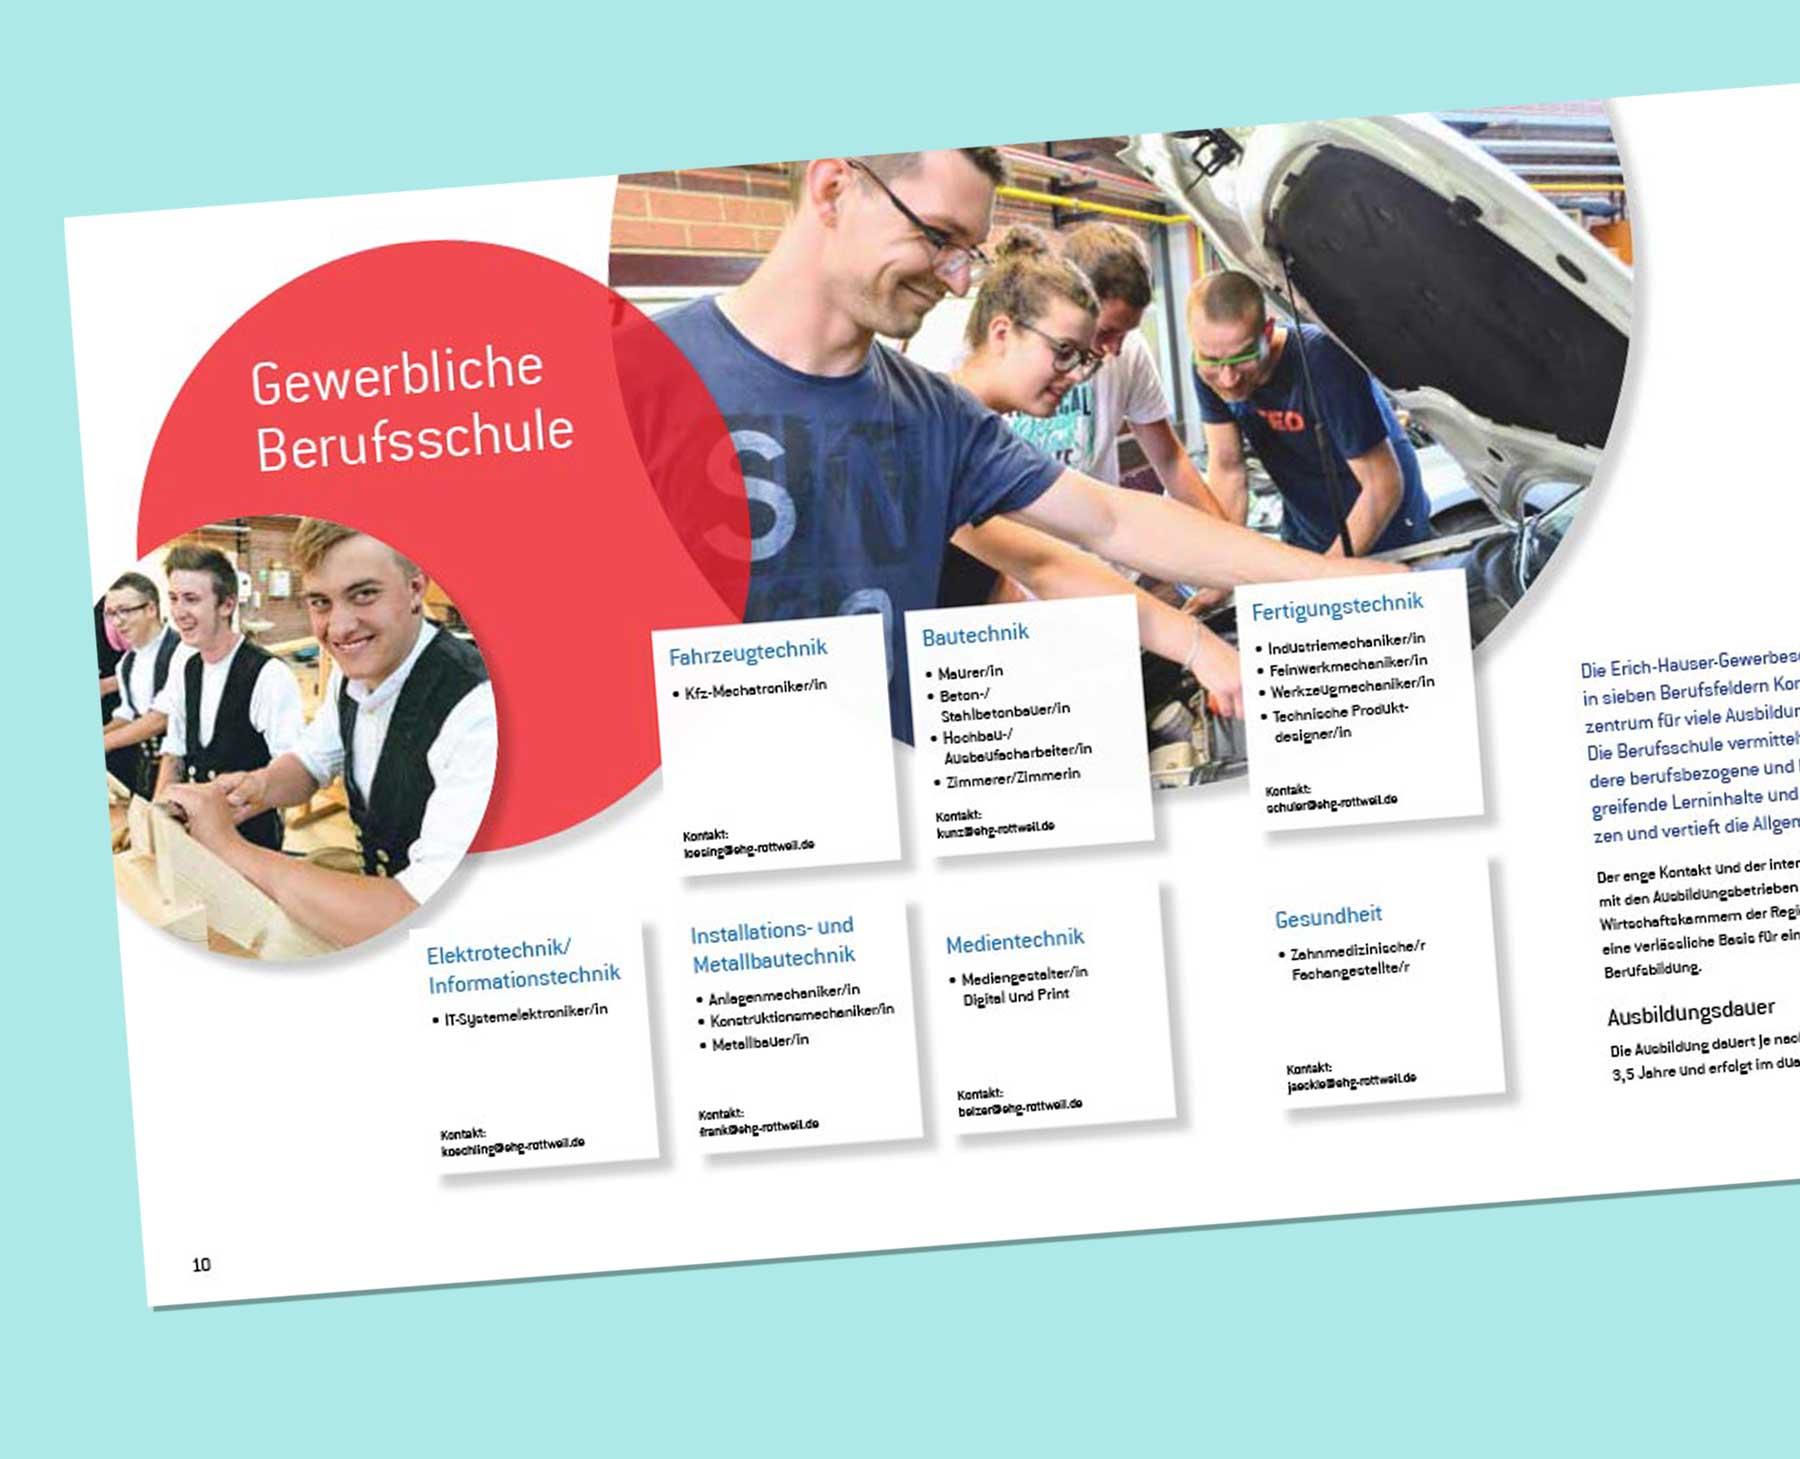 Ansicht der Broschüre Erich-Hauser-Gewerbeschule Innenseite